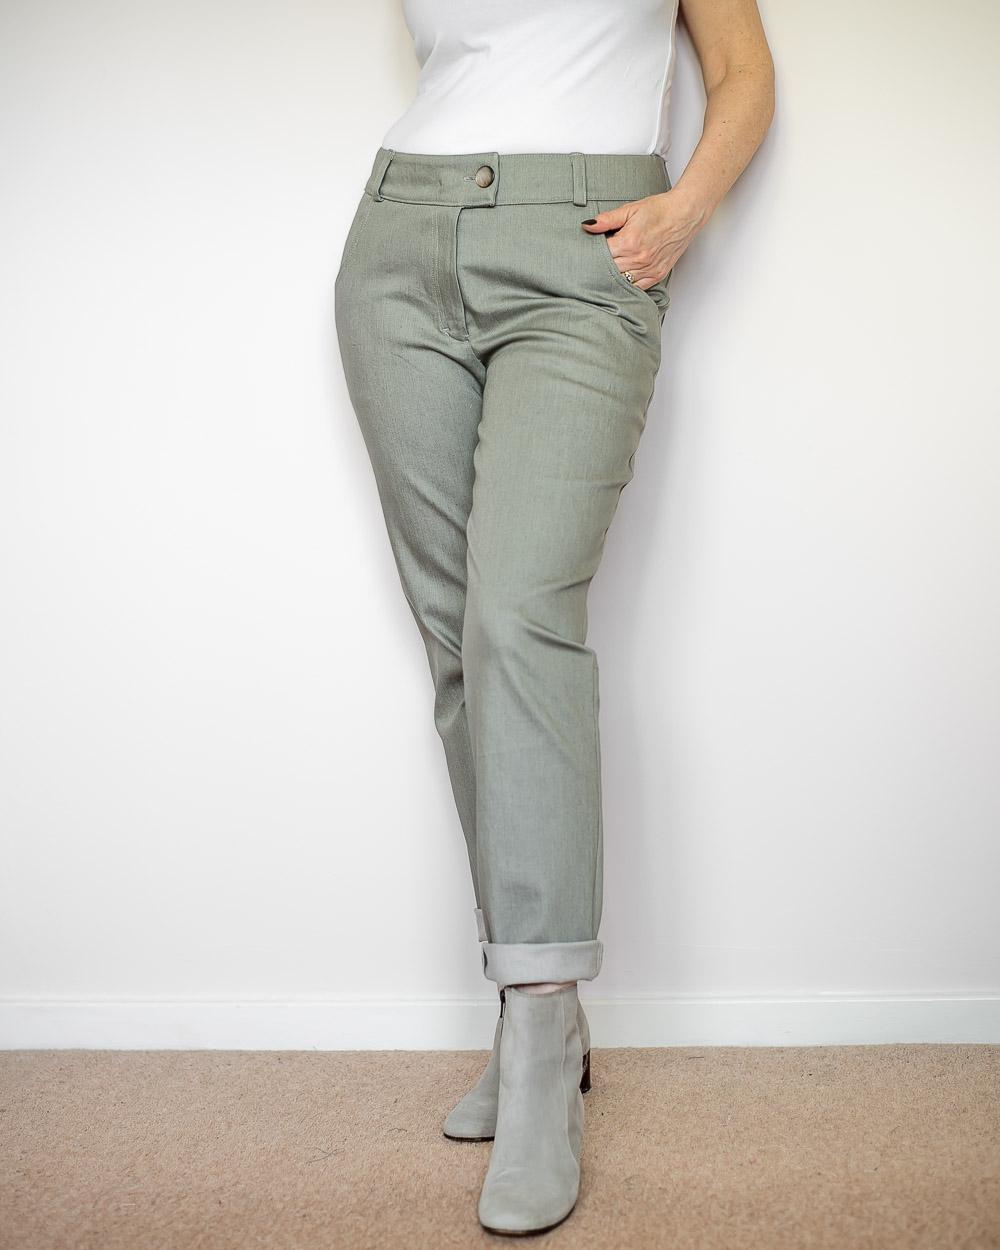 DIY Grey Jeans